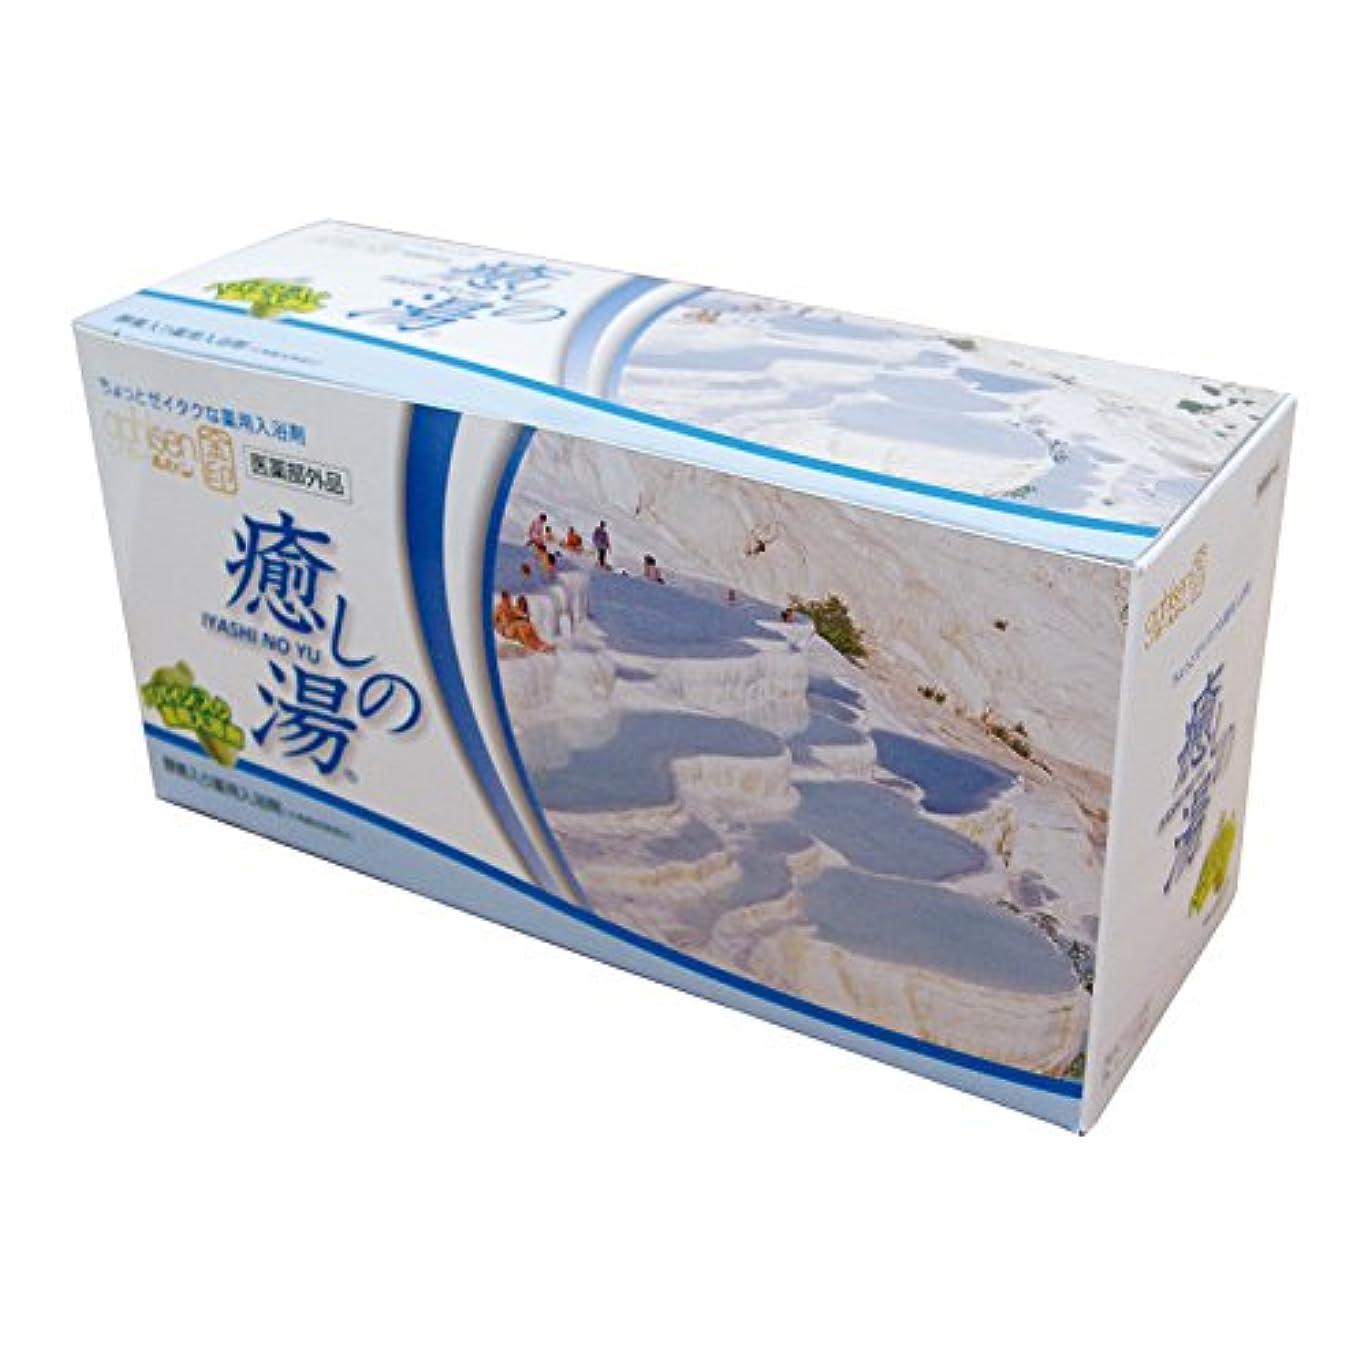 欲しいです汗毎月Bath Terminal 【入浴剤】ガールセン 癒しの湯 金印 30包入【日本生化学正規代理店】